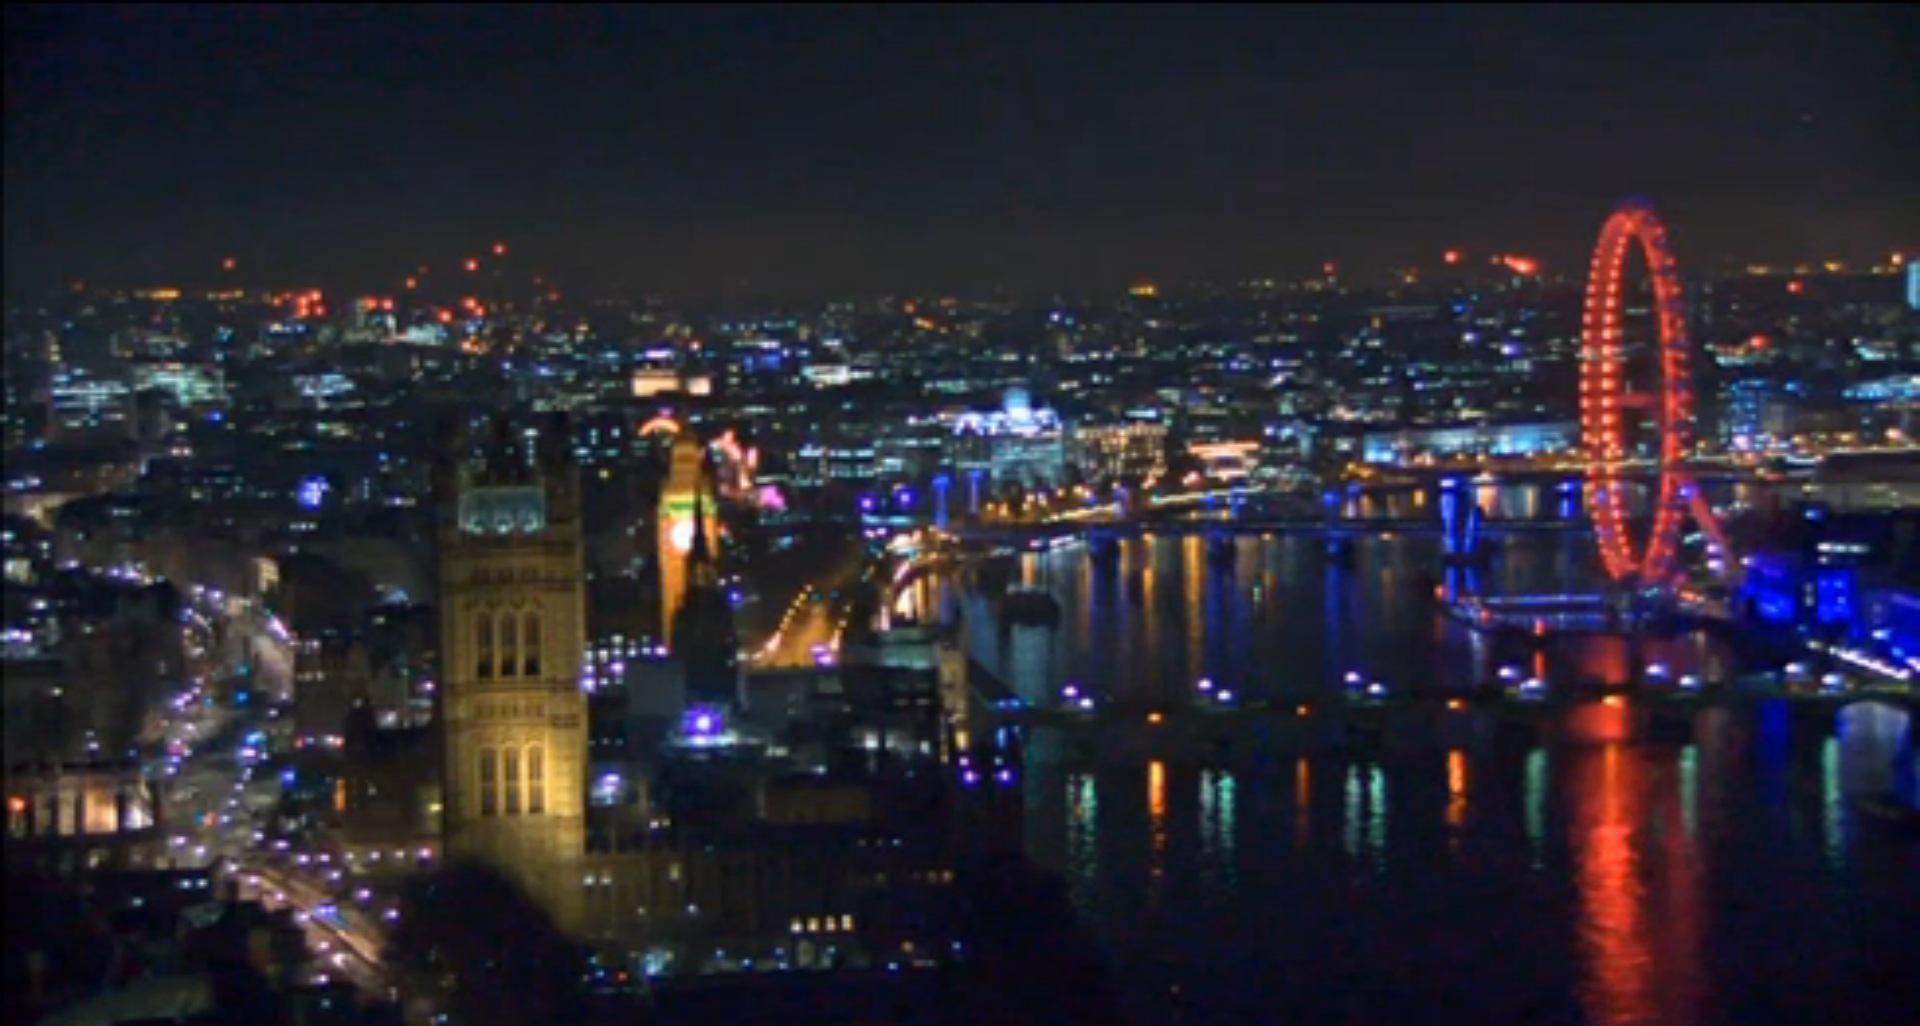 La historia de la foto más conmovedora — Ataque en Londres